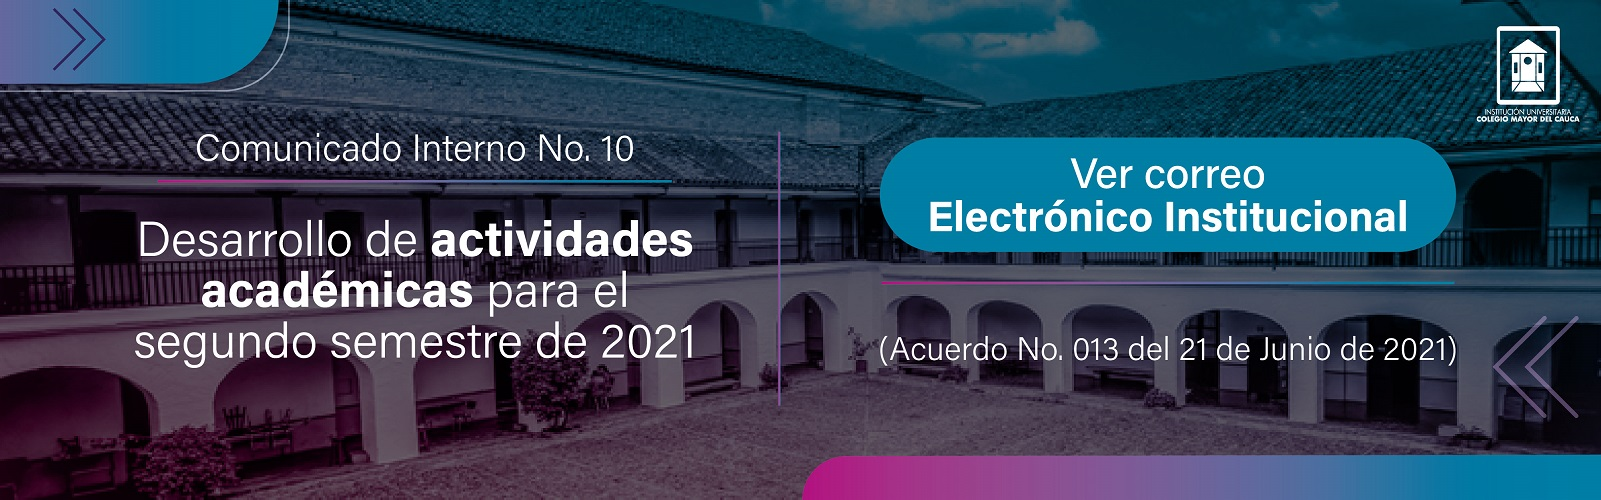 Banner_Modalidad__Semestre